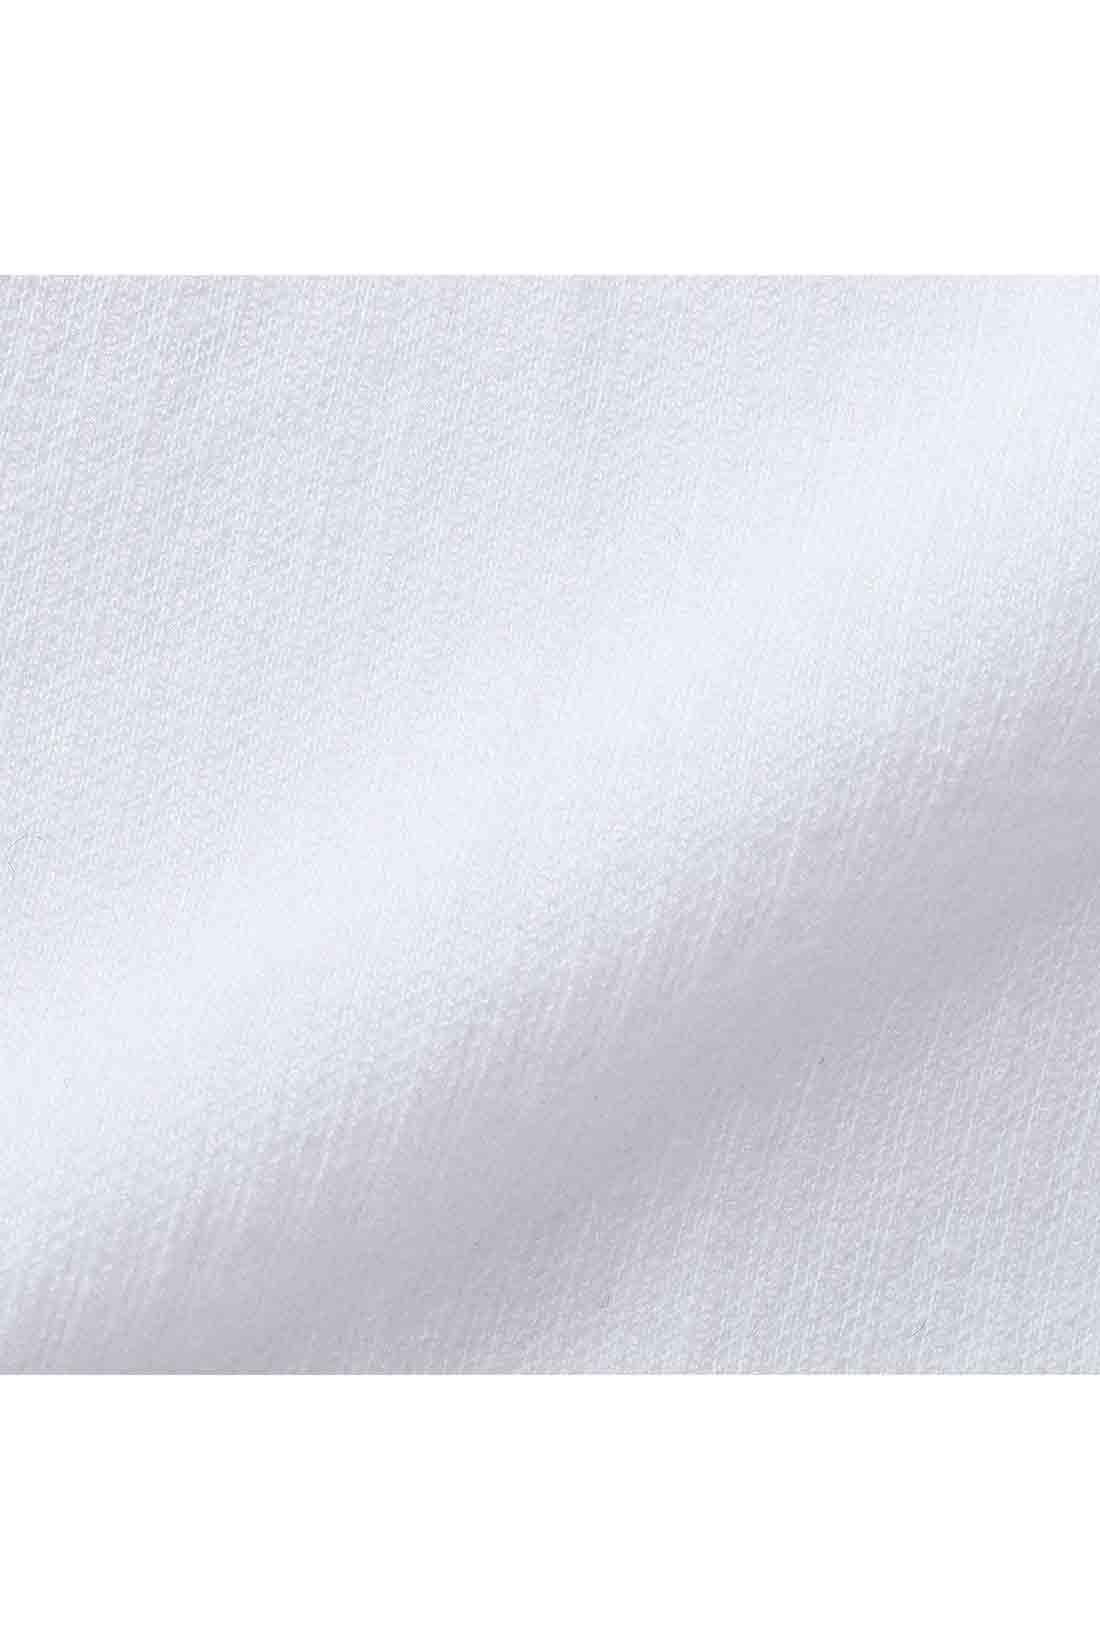 シャツ生地に見えて、しわも気にならない、ピンストライプ柄のカットソーピケ素材。